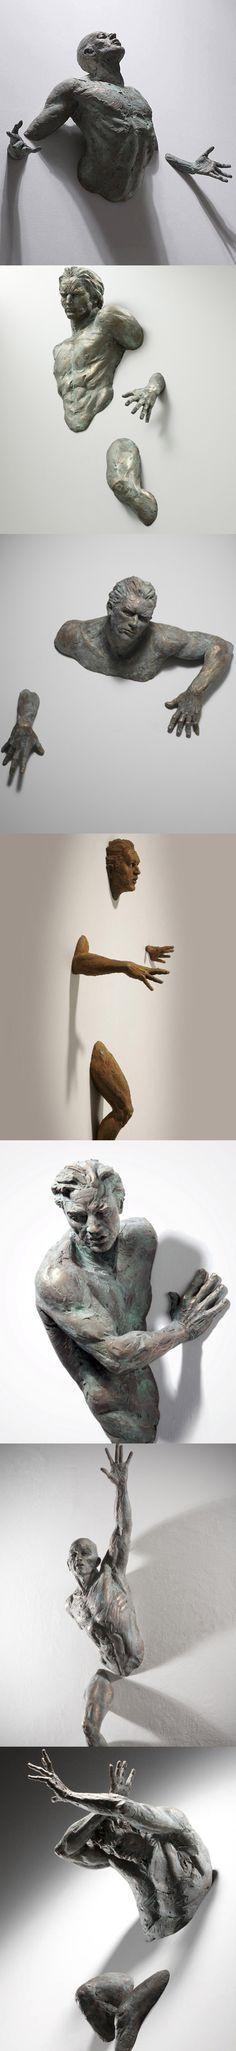 Les sculptures hallucinantes de Matteo Pugliese notamment avec la série « Extra Moenia ». Magnifique.